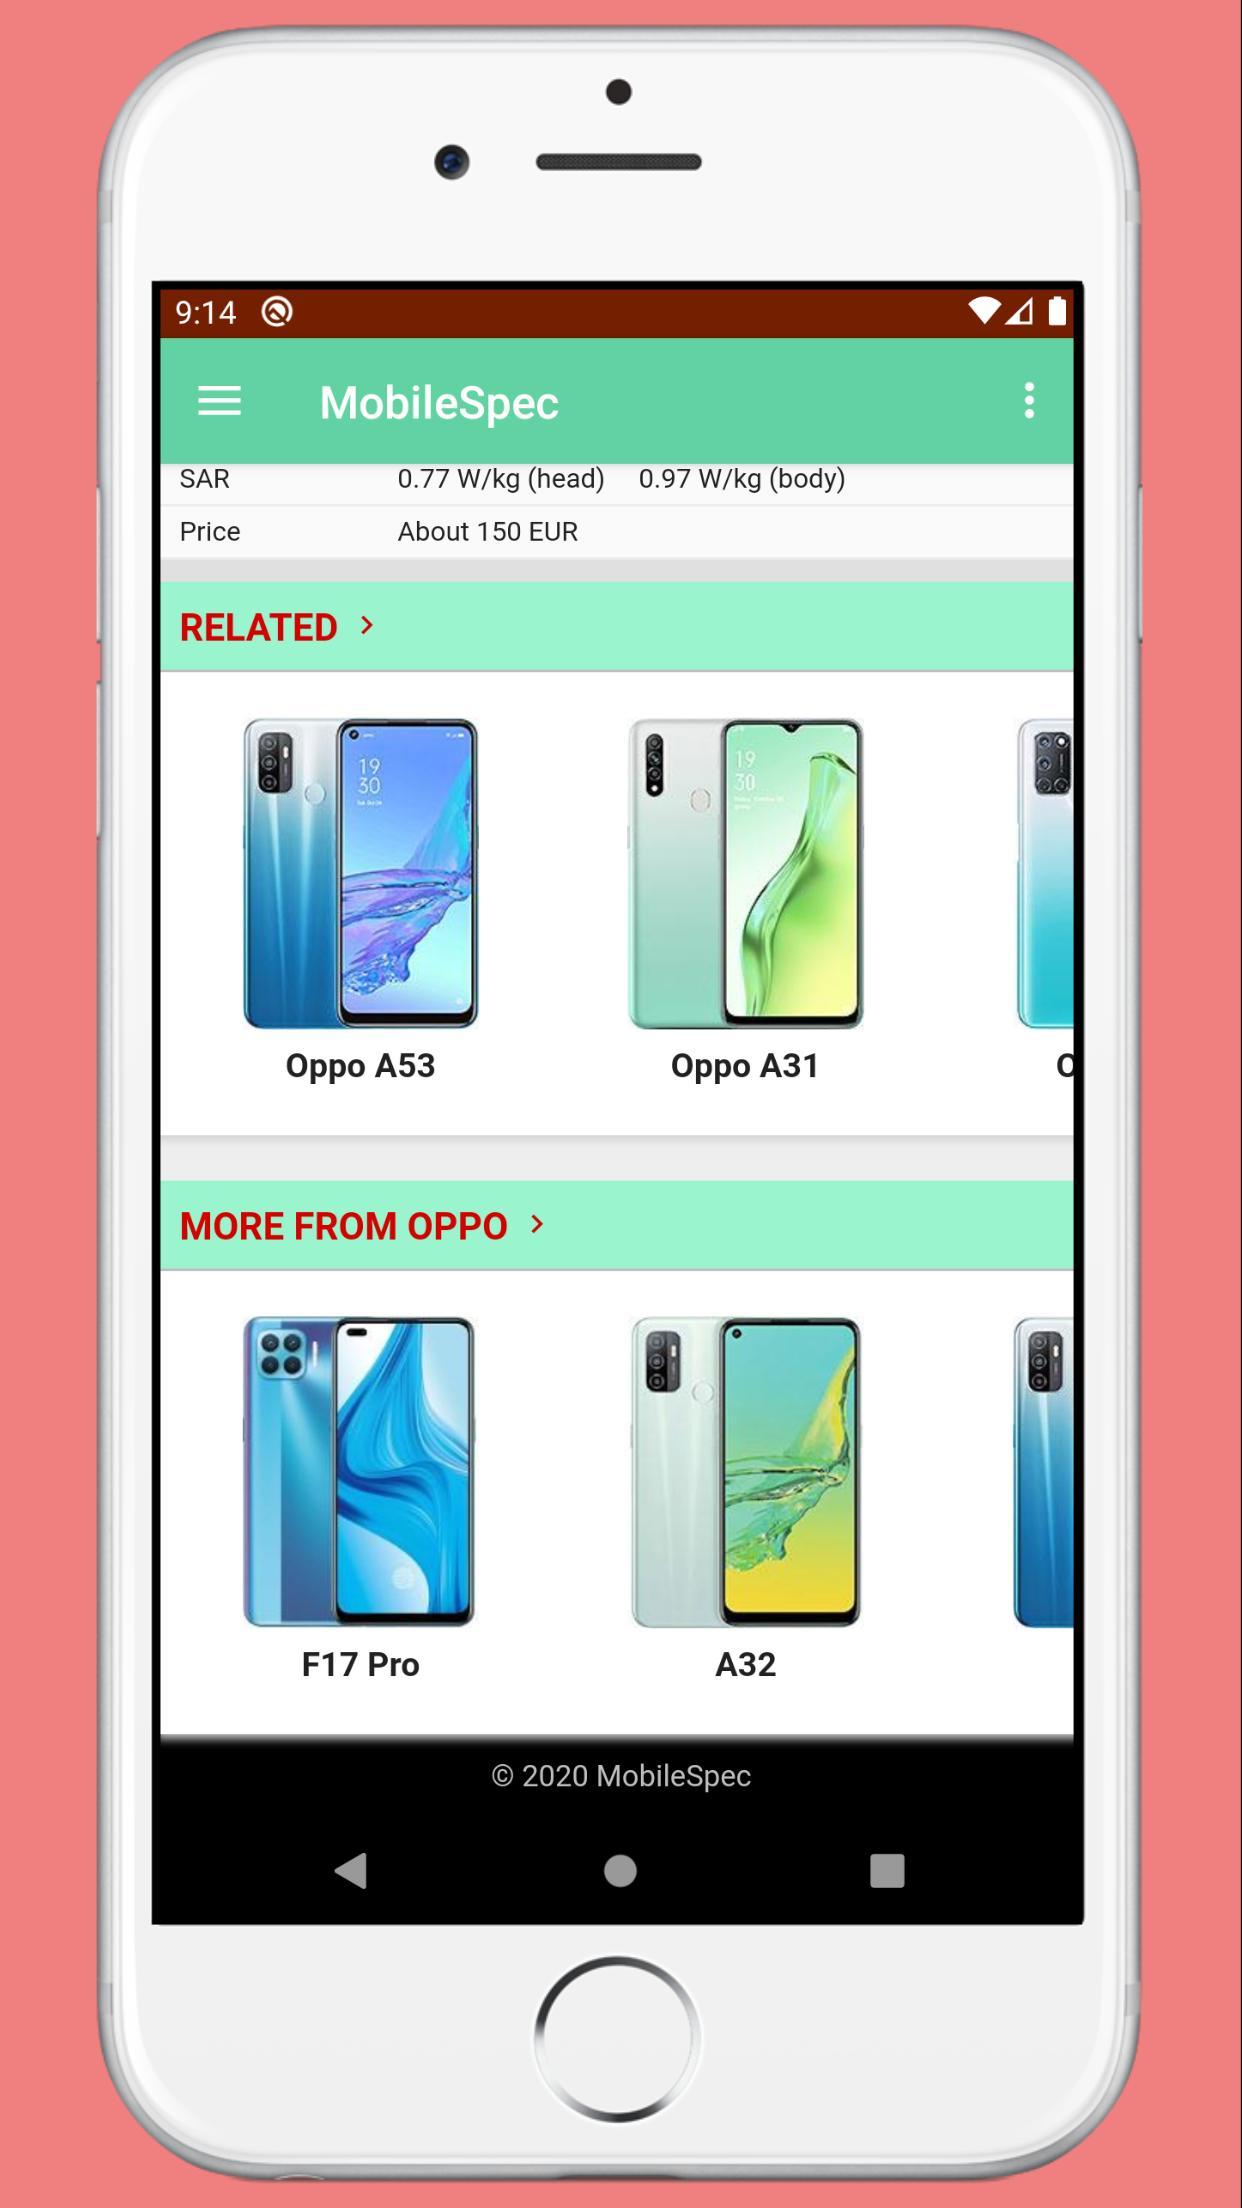 MobileSpec - Mobile Phone Full Specification  screenshot 9